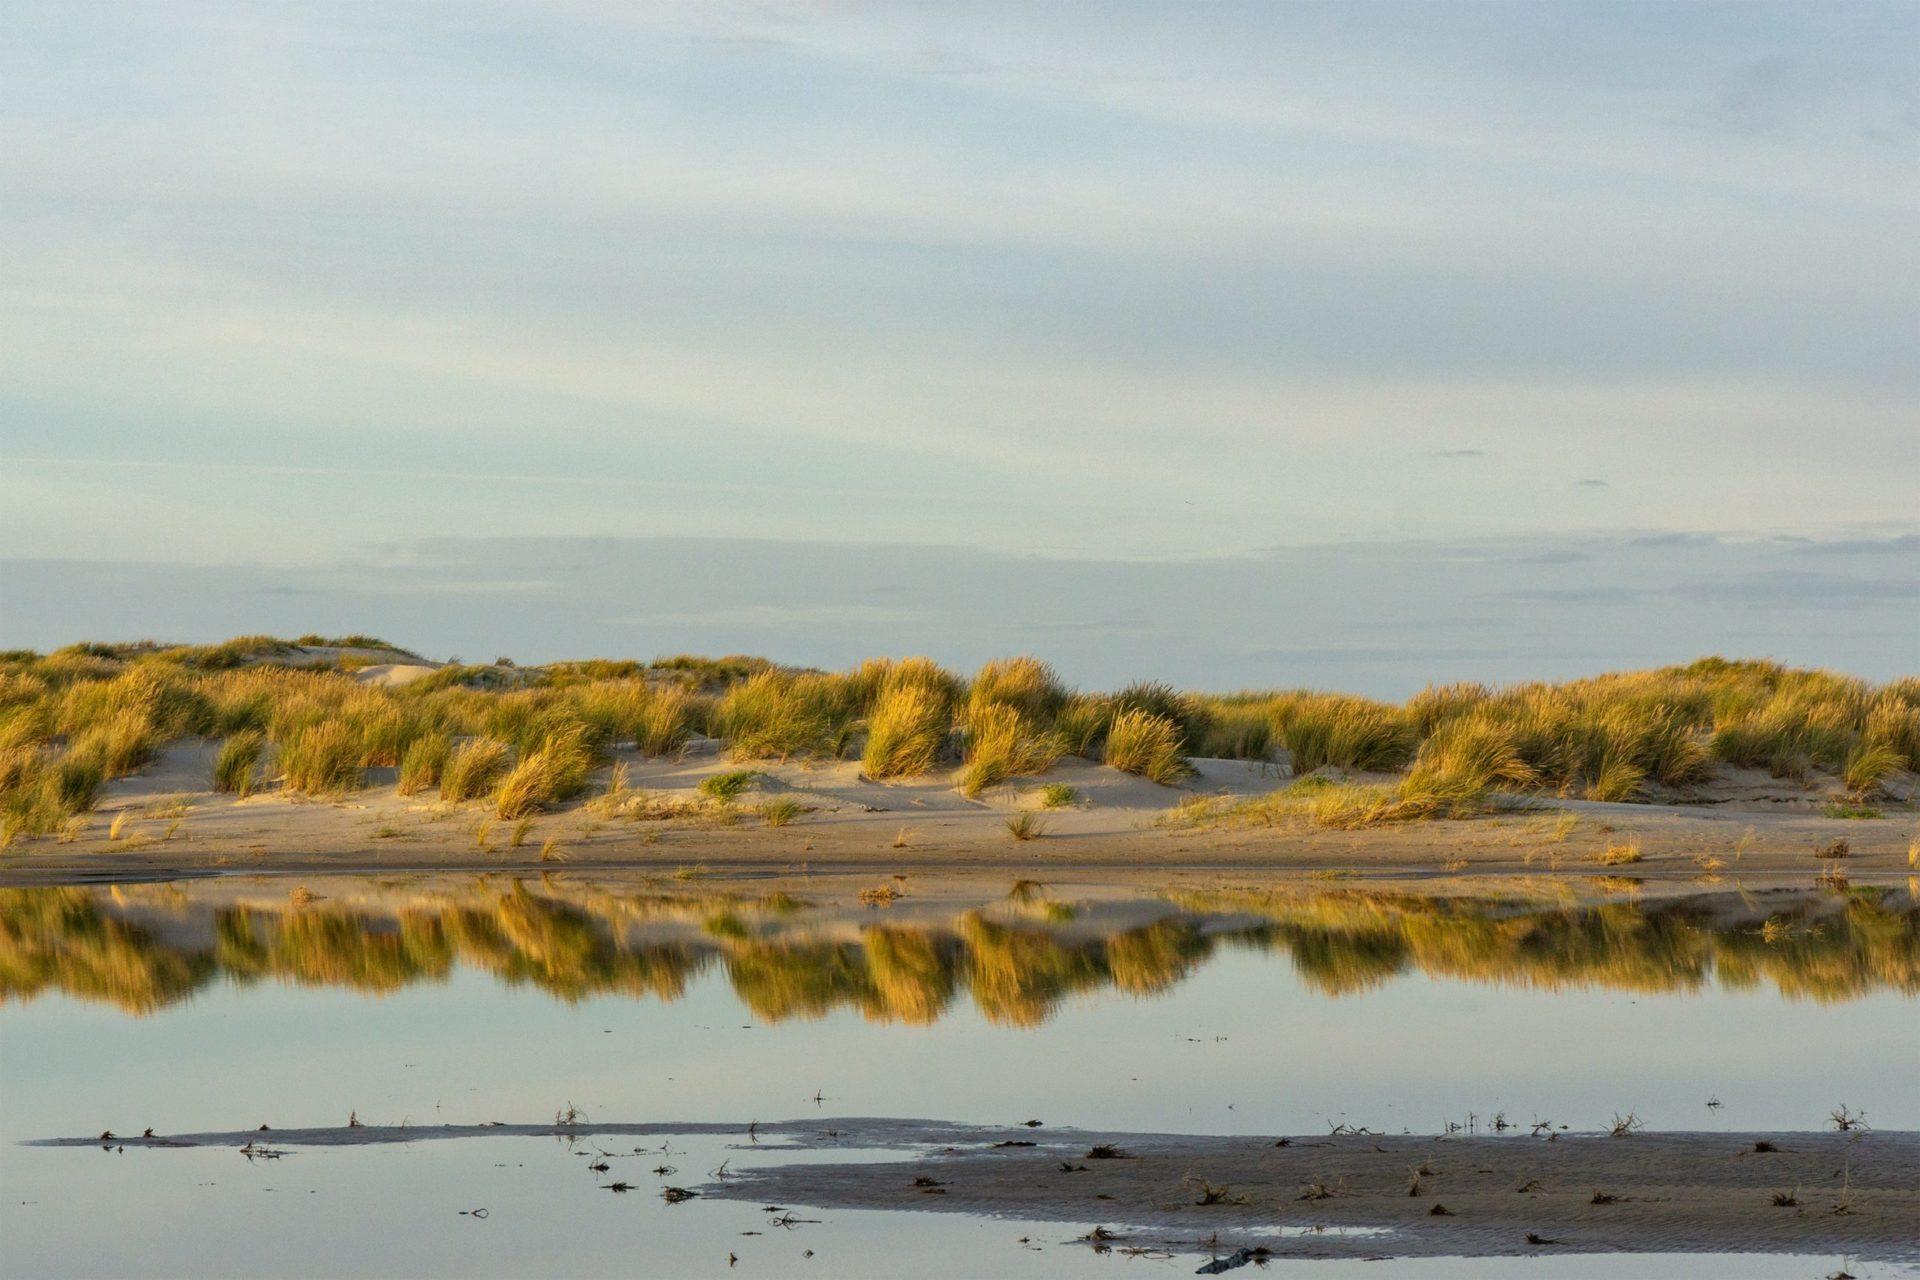 Wassertemperatur Norderney: Stranddünen mit Dünengras, welches sich im Meewasser spiegelt